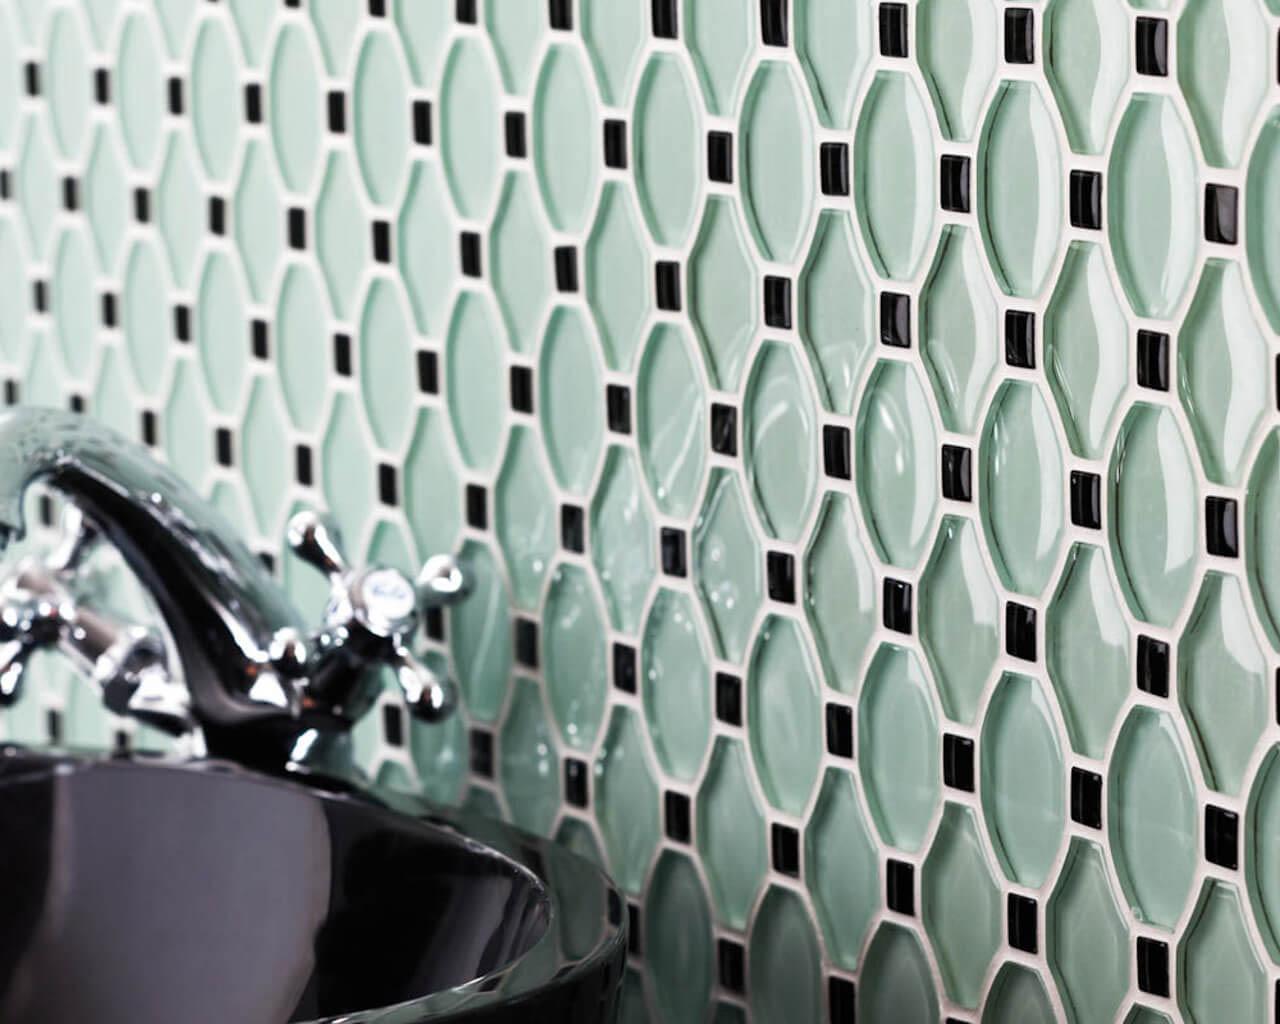 Szklana mozaika w eleganckiej łazience w stylu glamour